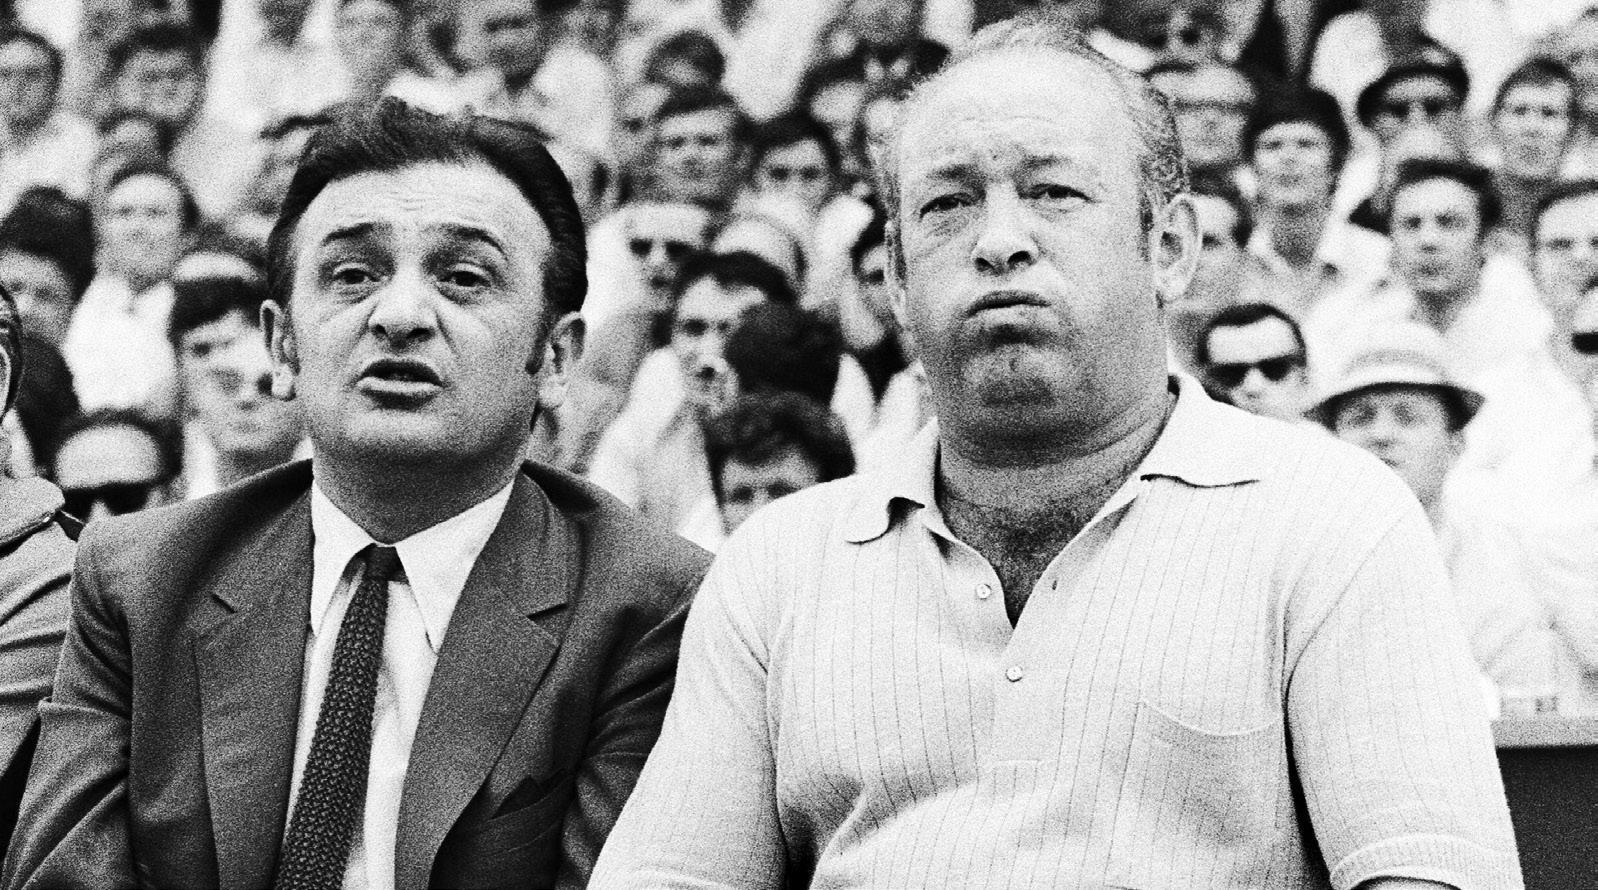 """Die Sieger: Offenbach-Präsident Horst-Gregorio Canellas (l.) erlangte in den Jahren nach der Aufstiegsrunde gleich zweimal traurige Berühmtheit. 1974 brachte er mit heimlich angefertigten Tonbandaufzeichnungen den Bundesliga-Bestechungsskandal ins Rollen, 1977 saß er in der von Terroristen entführten und in Mogadischu befreiten Lufthansa-Maschine """"Landshut"""". Trainer Zlatko """"Tschik"""" Cajkovski war schon vor 1970 berühmt: Der Kroate hatte den FC Bayern München 1965 als Trainer in die Bundesliga geführt und mit den Münchnern anschließend zweimal den DFB-Pokal und einmal den Europapokal der Pokalsieger gewonnen."""